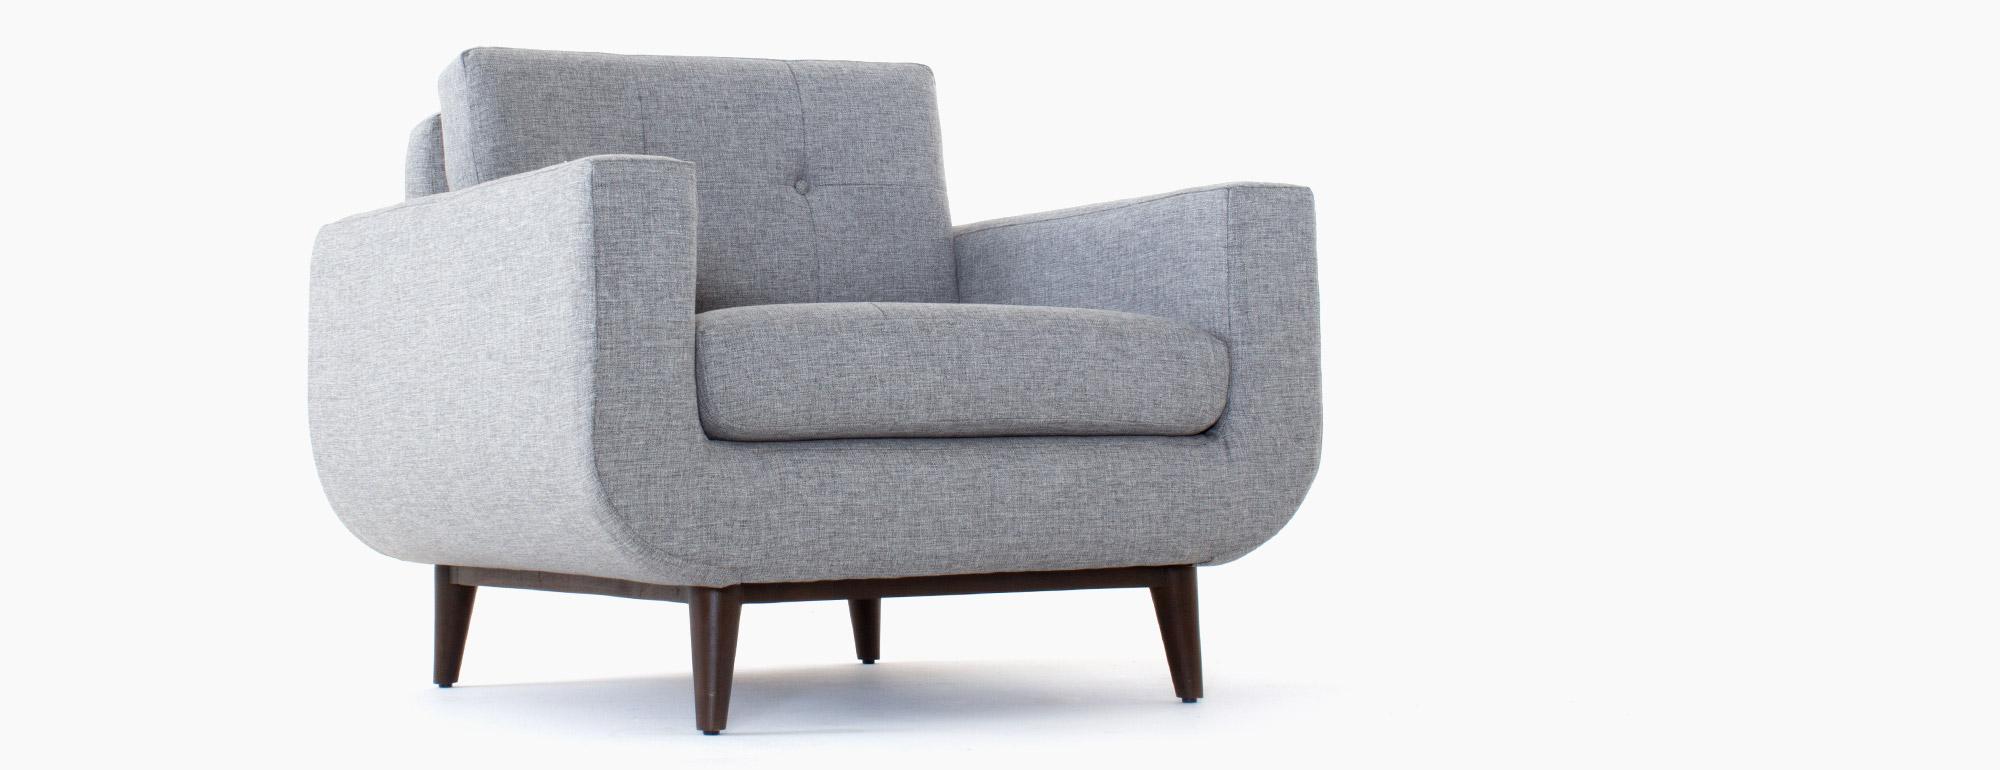 hero-gervin-chair-2